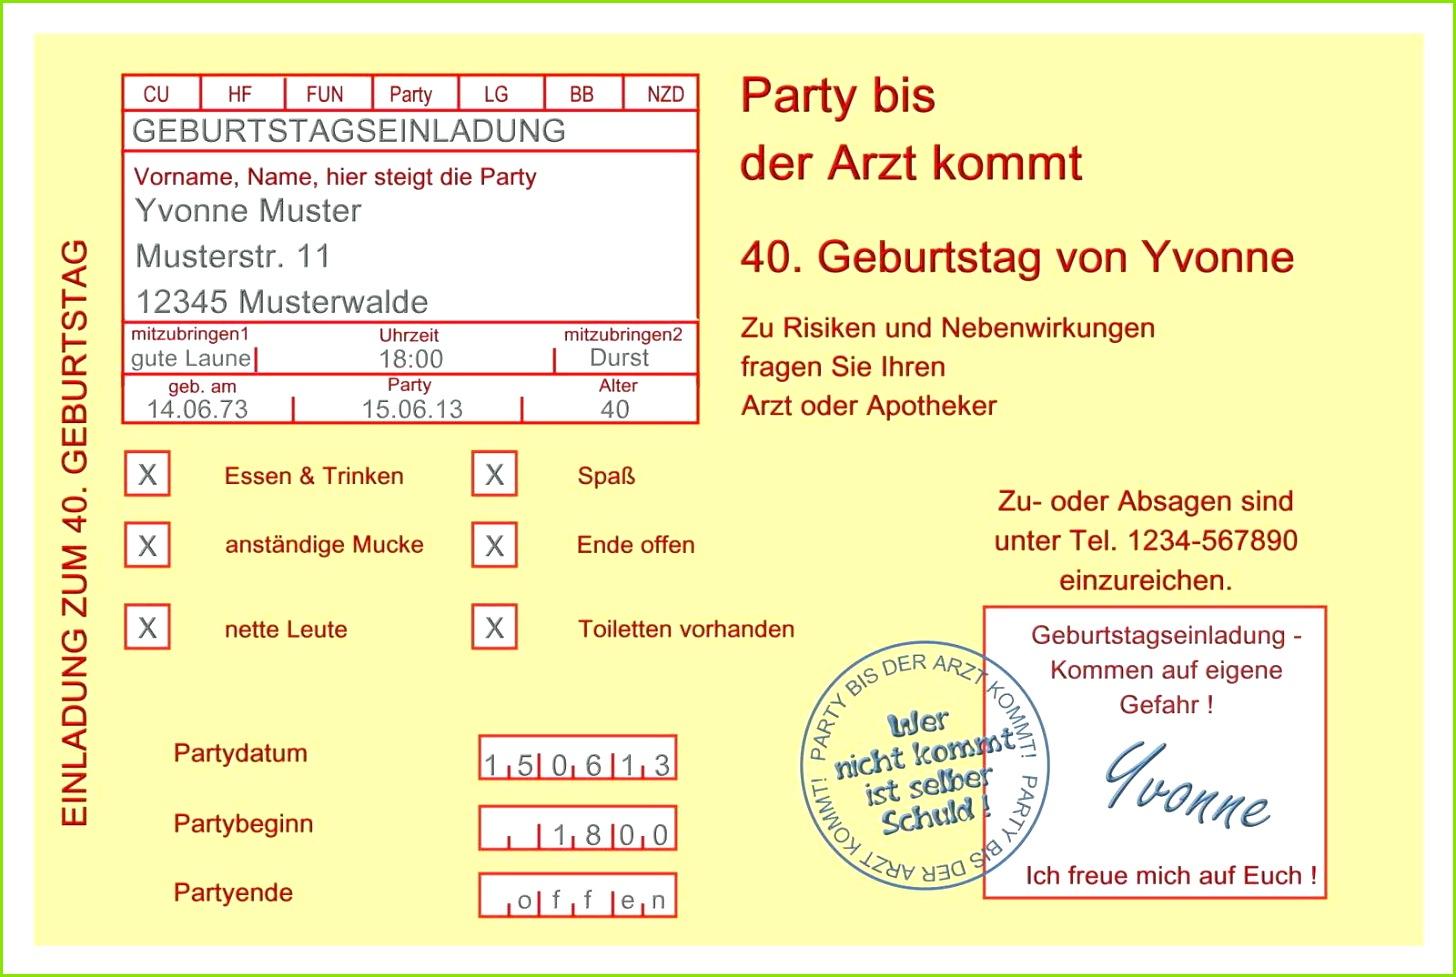 Einladung Geburtstag Vorlage Kostenlos Vorlagen Einladung Geburtstag Kostenlos Einladungskarten Vorlagen Einladung Geburtstag Vorlage Kostenlos